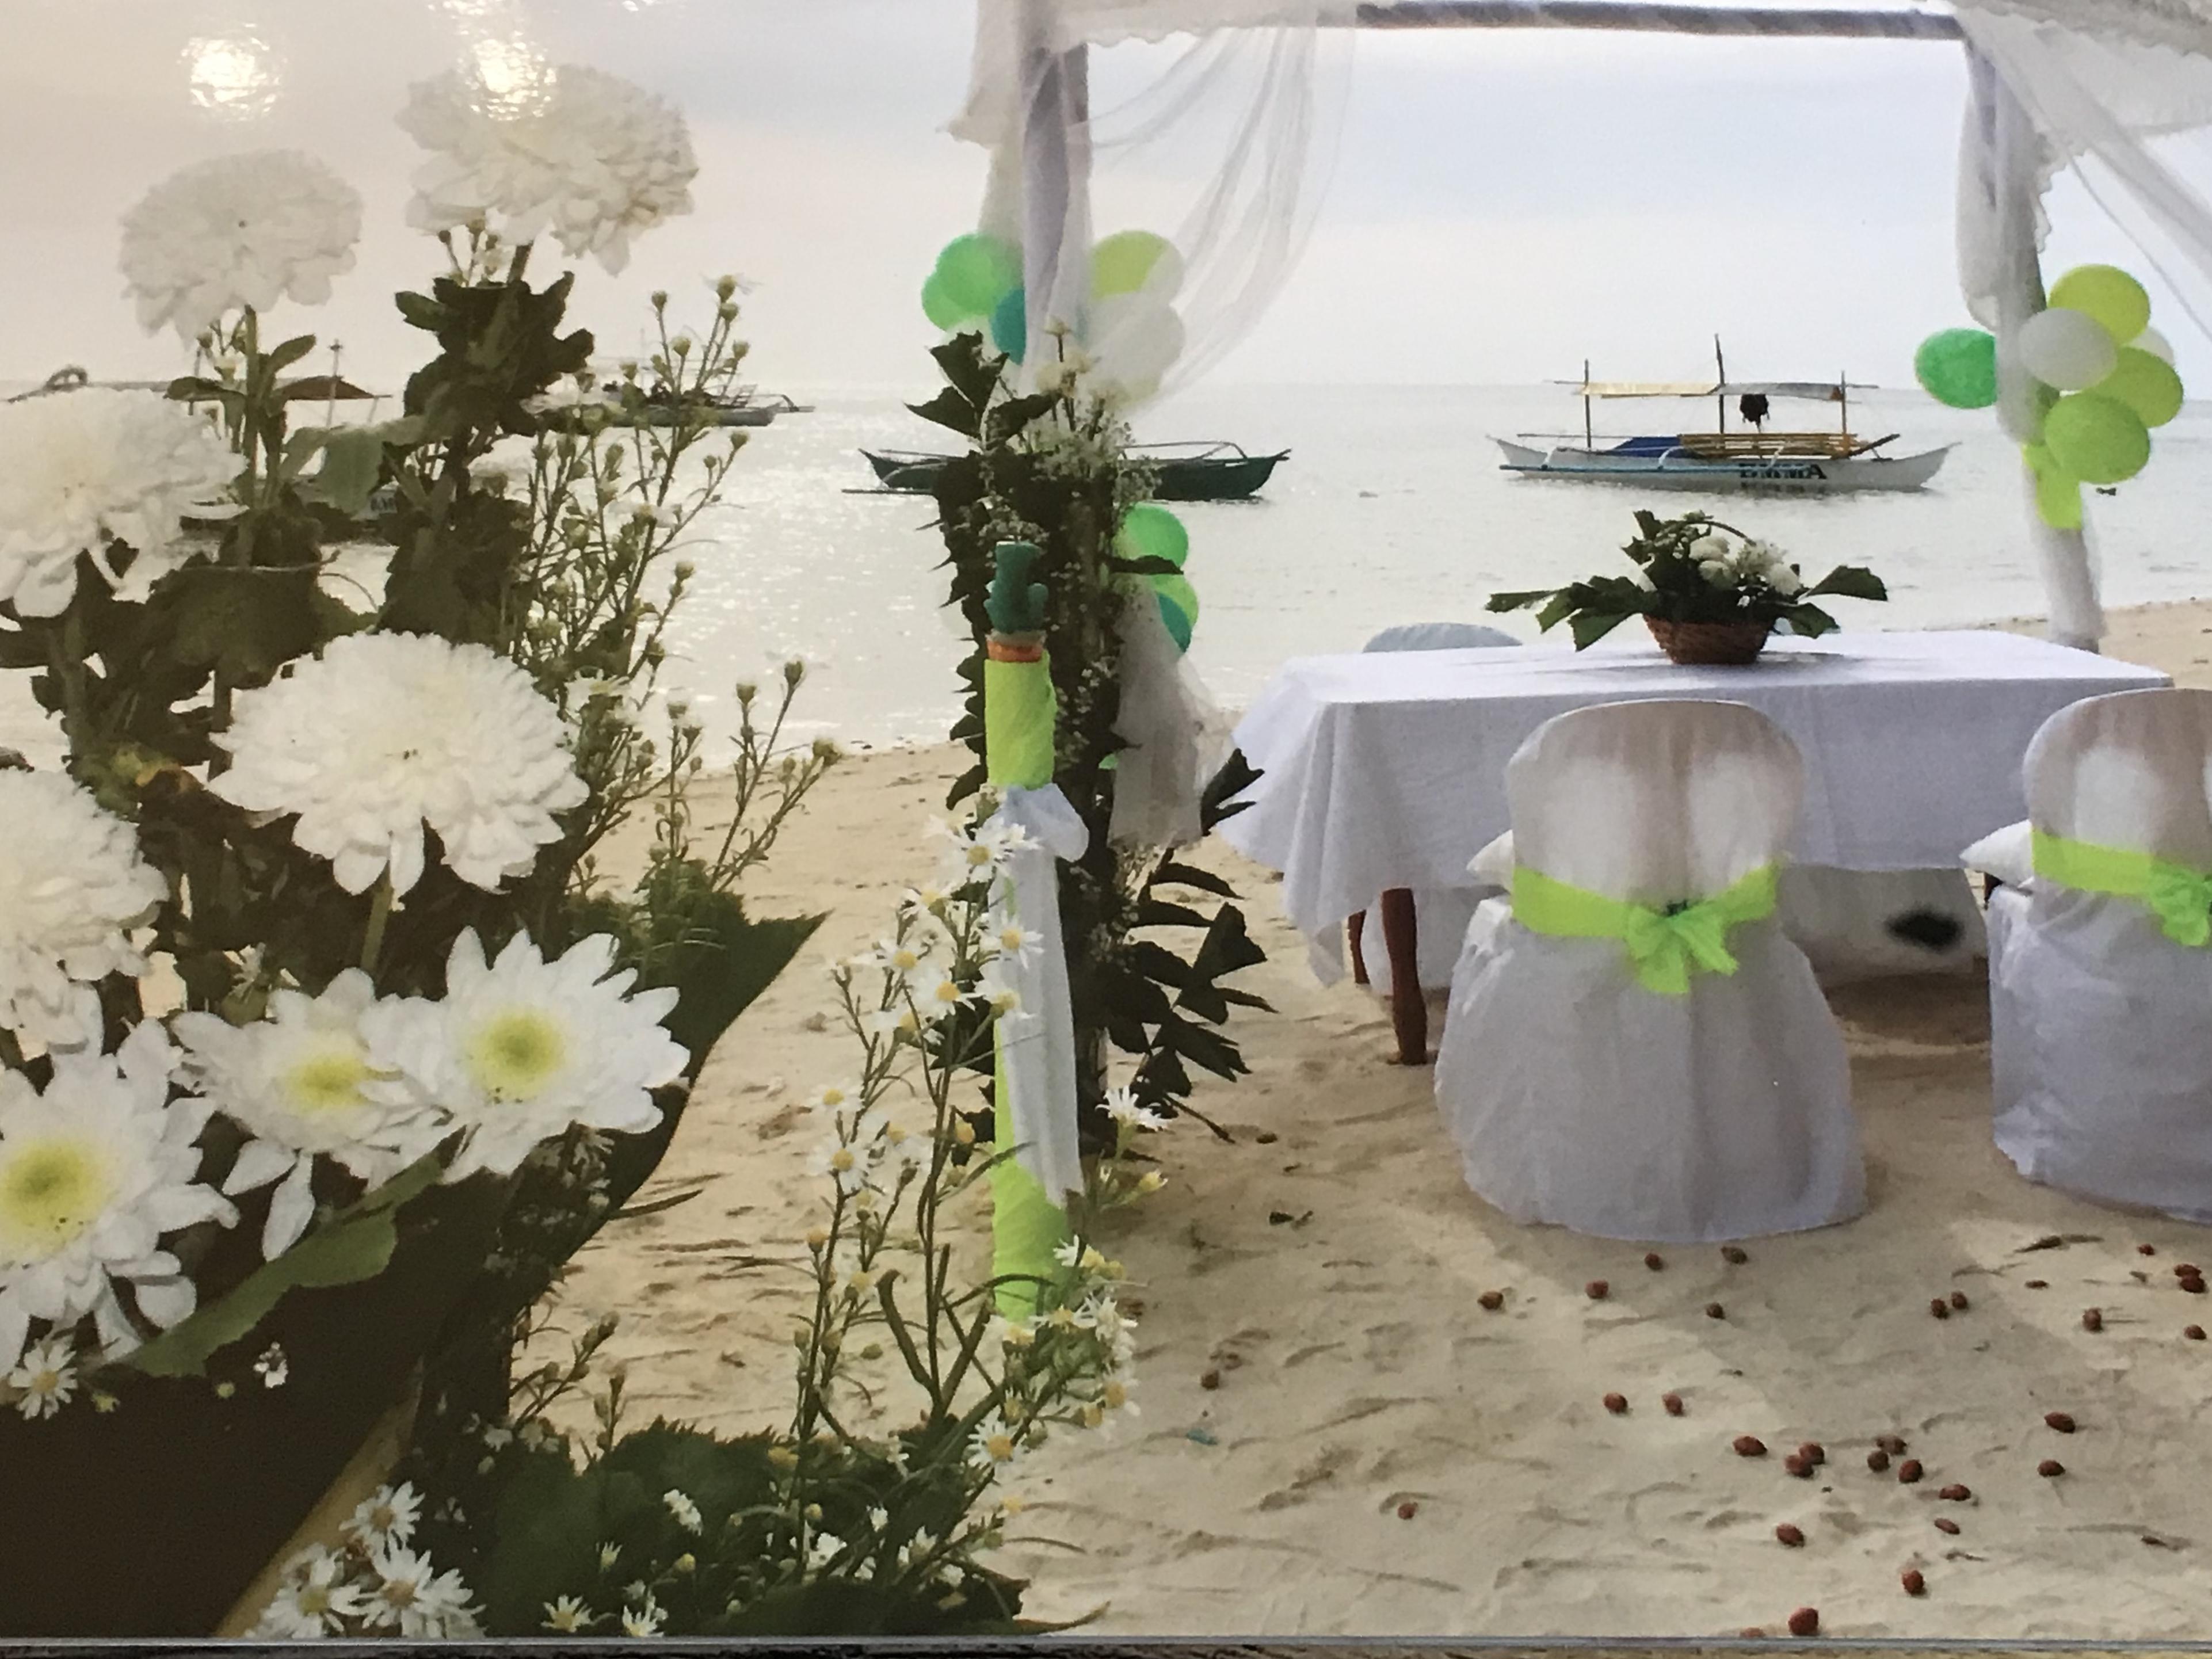 Hochzeit auf den Philippinen, Trauung   story.one